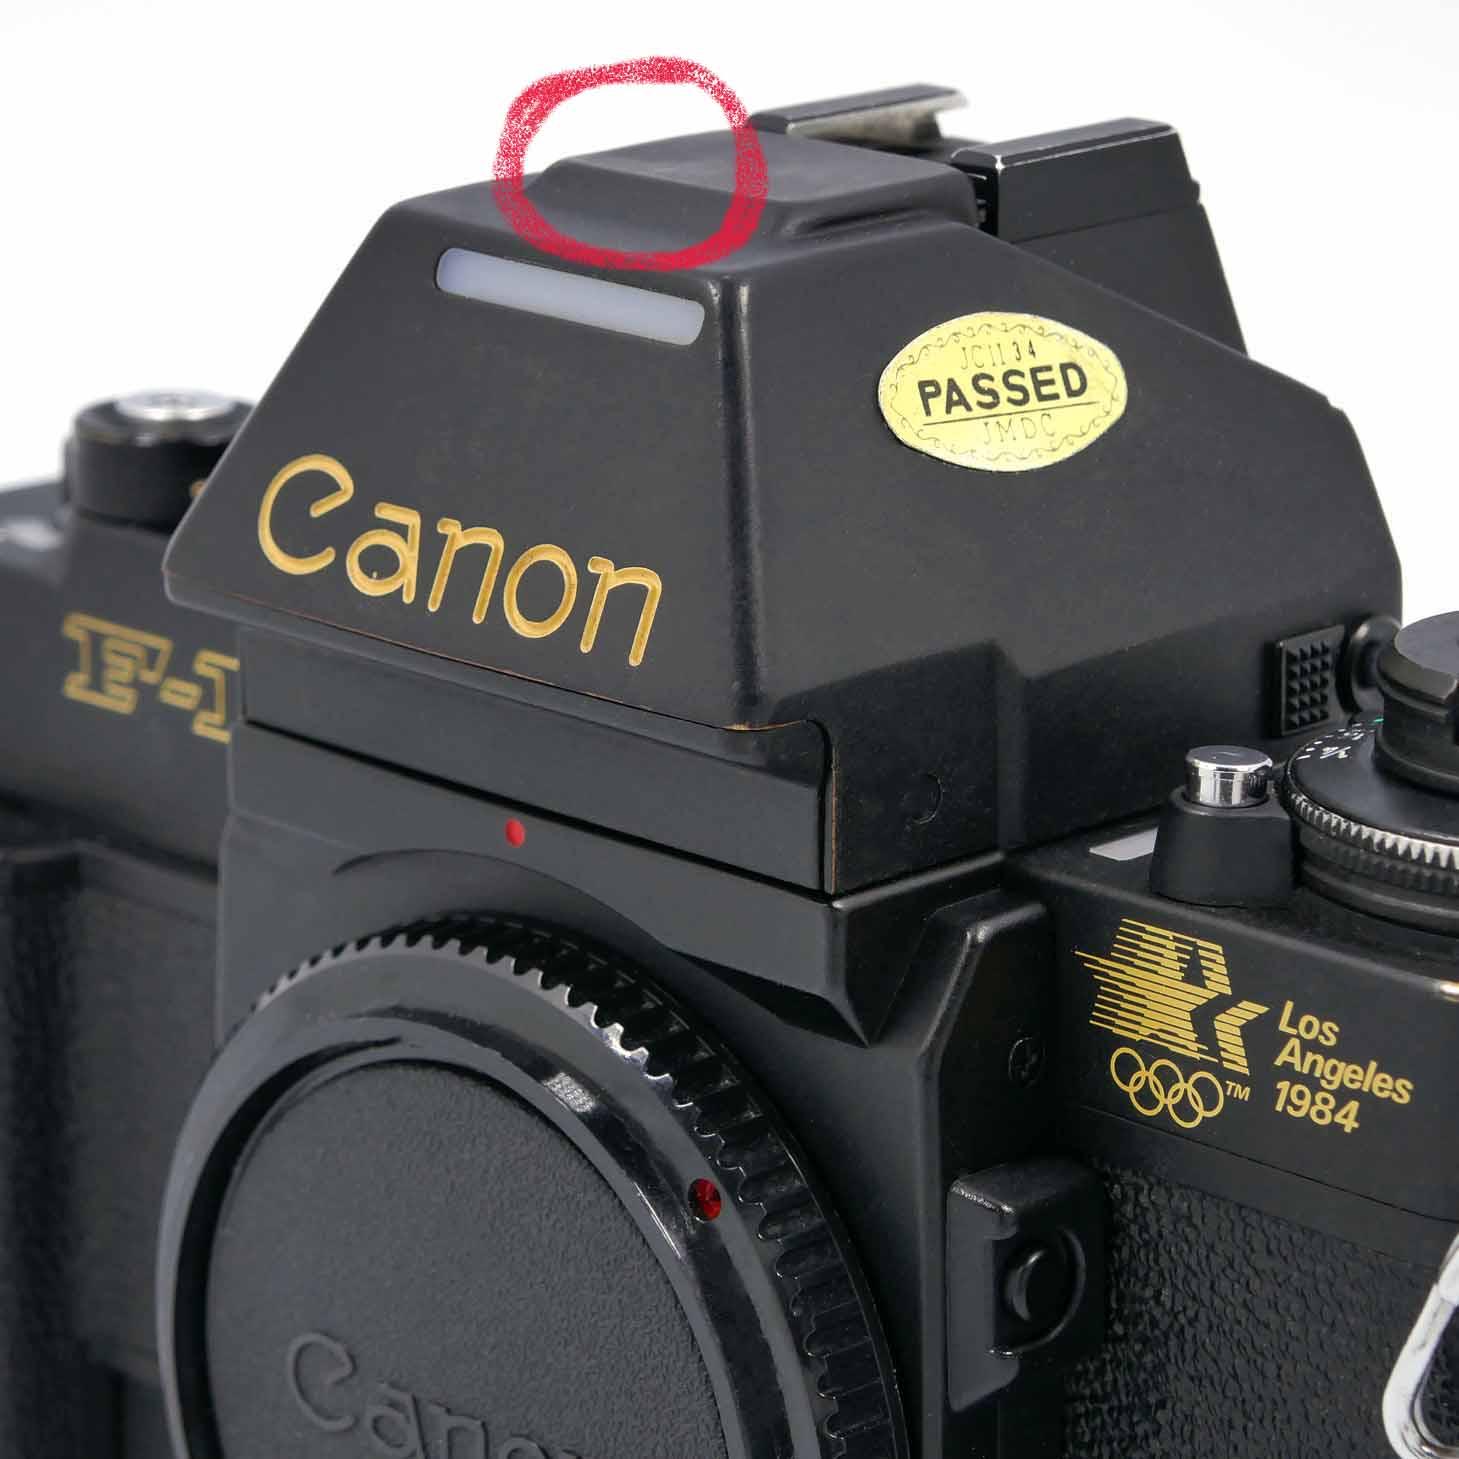 clean-cameras-Canon-F-1-Los-Angeles--01